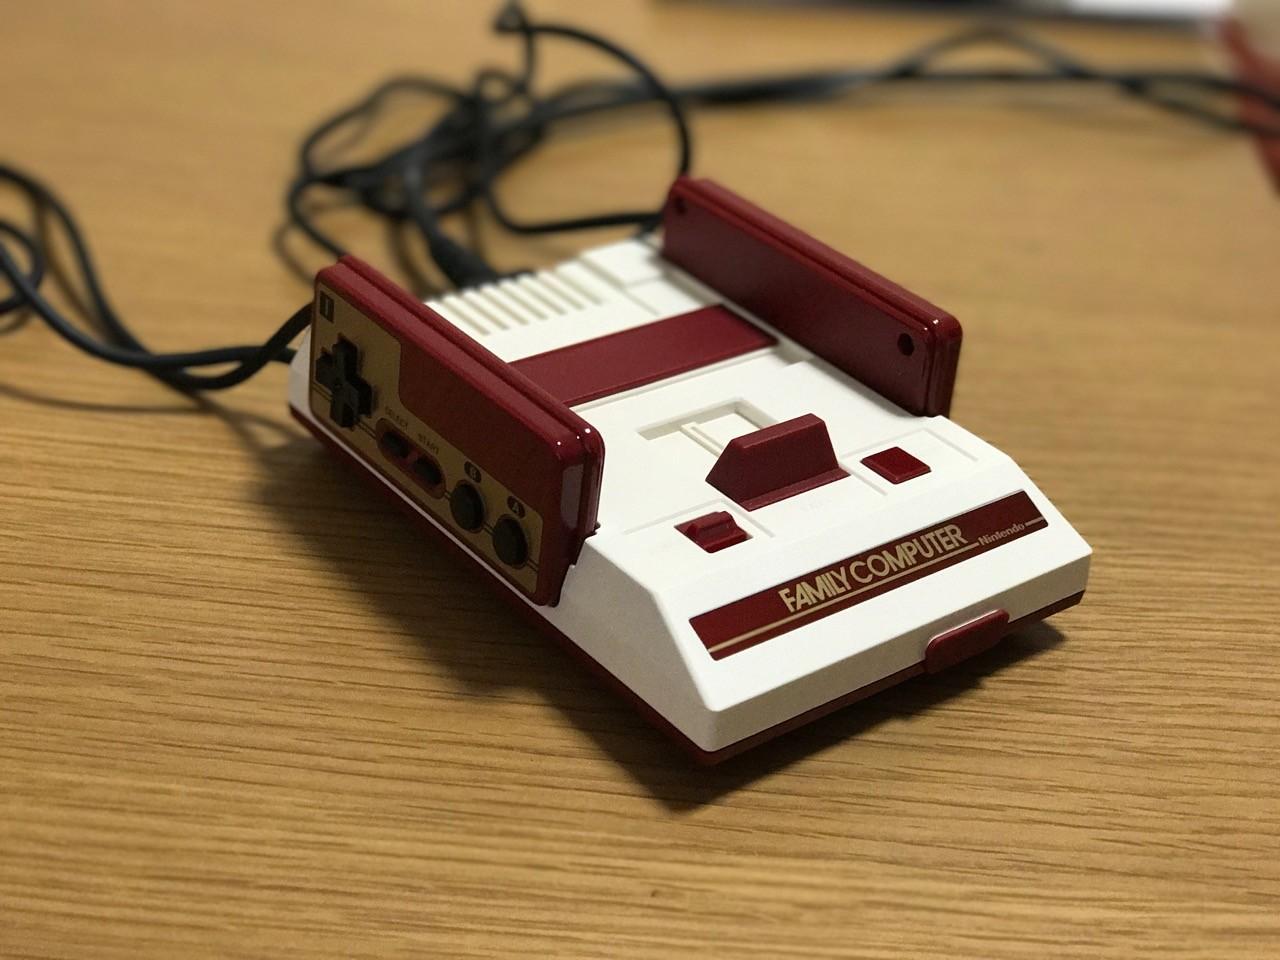 小型ファミコン